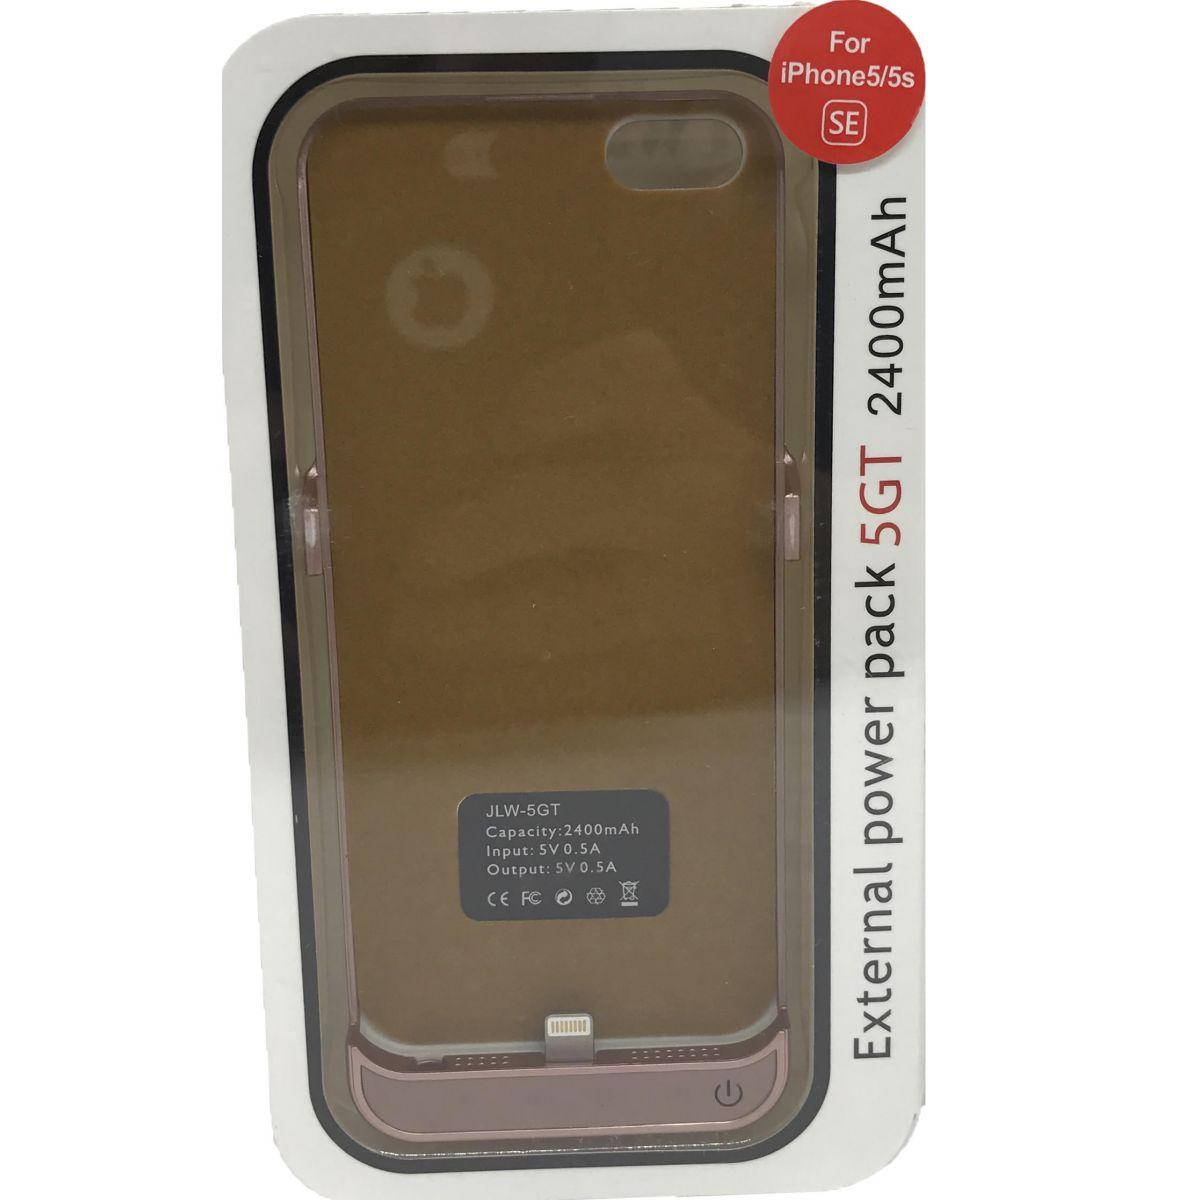 Capa Carregadora Powerbank Externa Ultrá Fina iPhone 5 5S 5C SE 2400mah